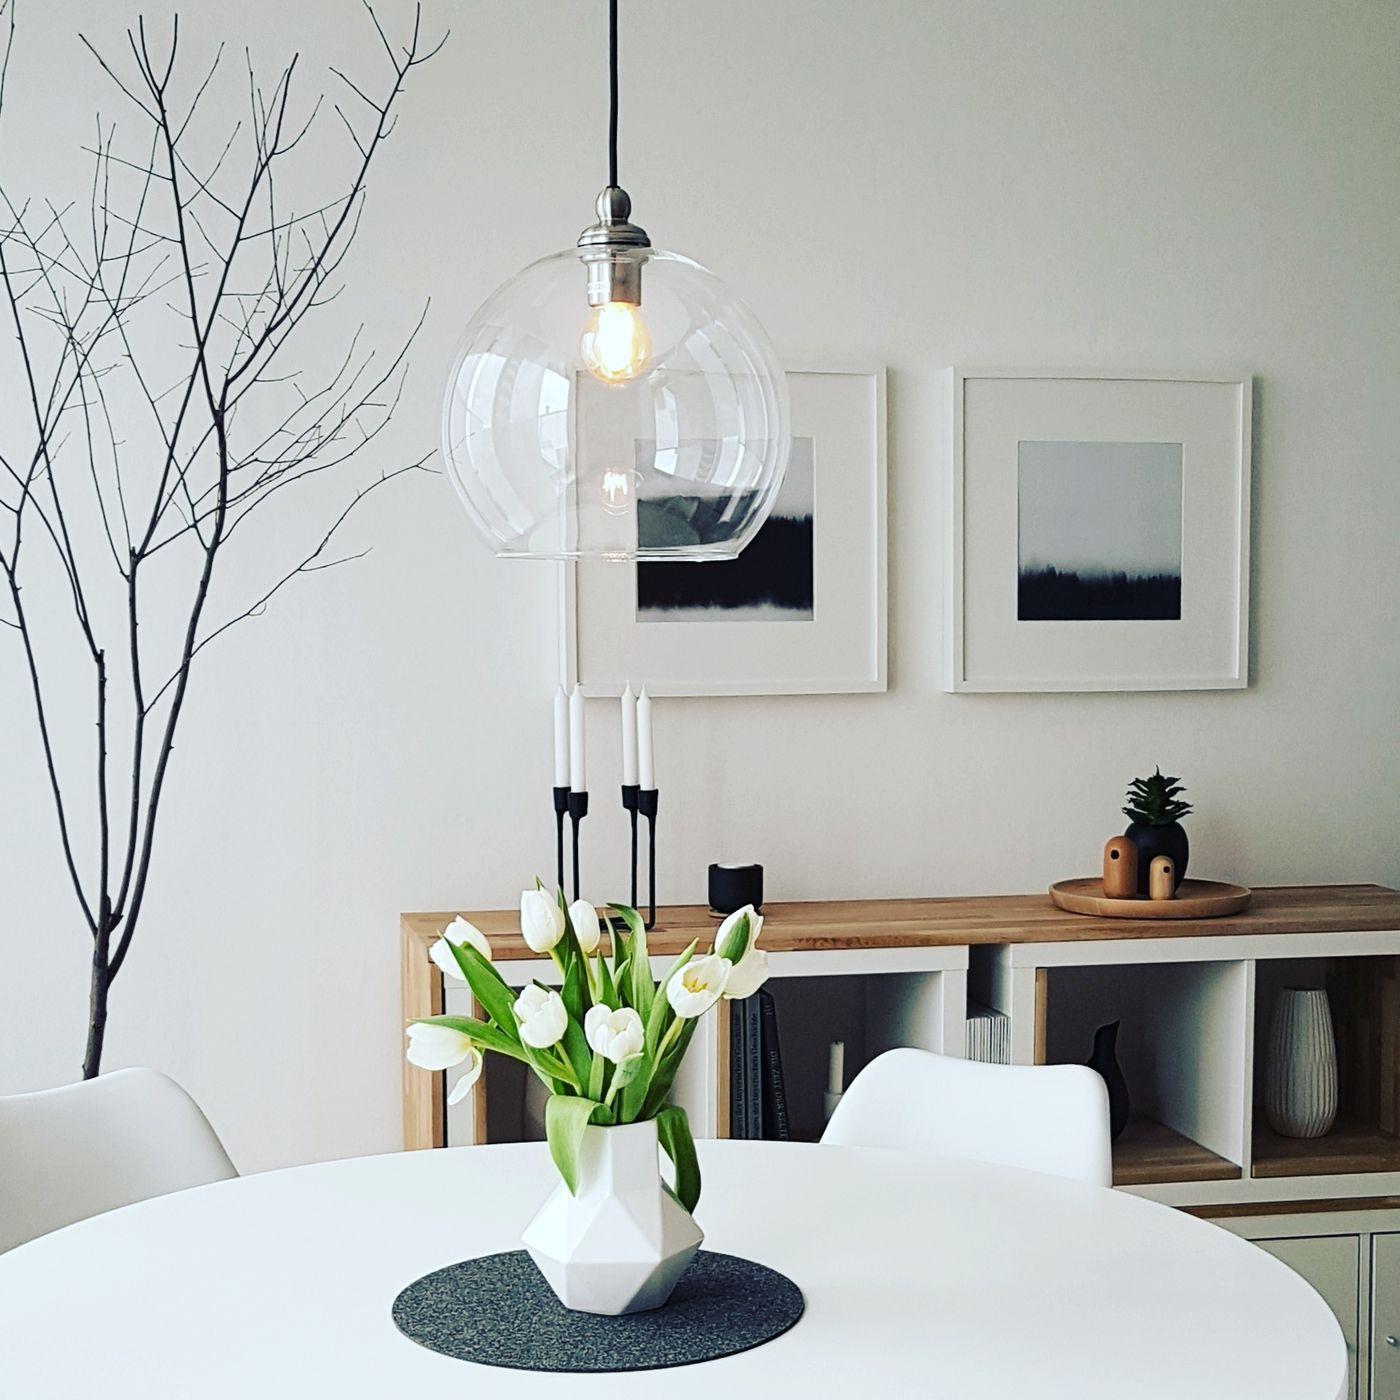 Full Size of Schnsten Ideen Mit Ikea Leuchten Sofa Schlaffunktion Modulküche Küche Kosten Kaufen Betten Bei Miniküche 160x200 Wohnzimmer Hängelampen Ikea